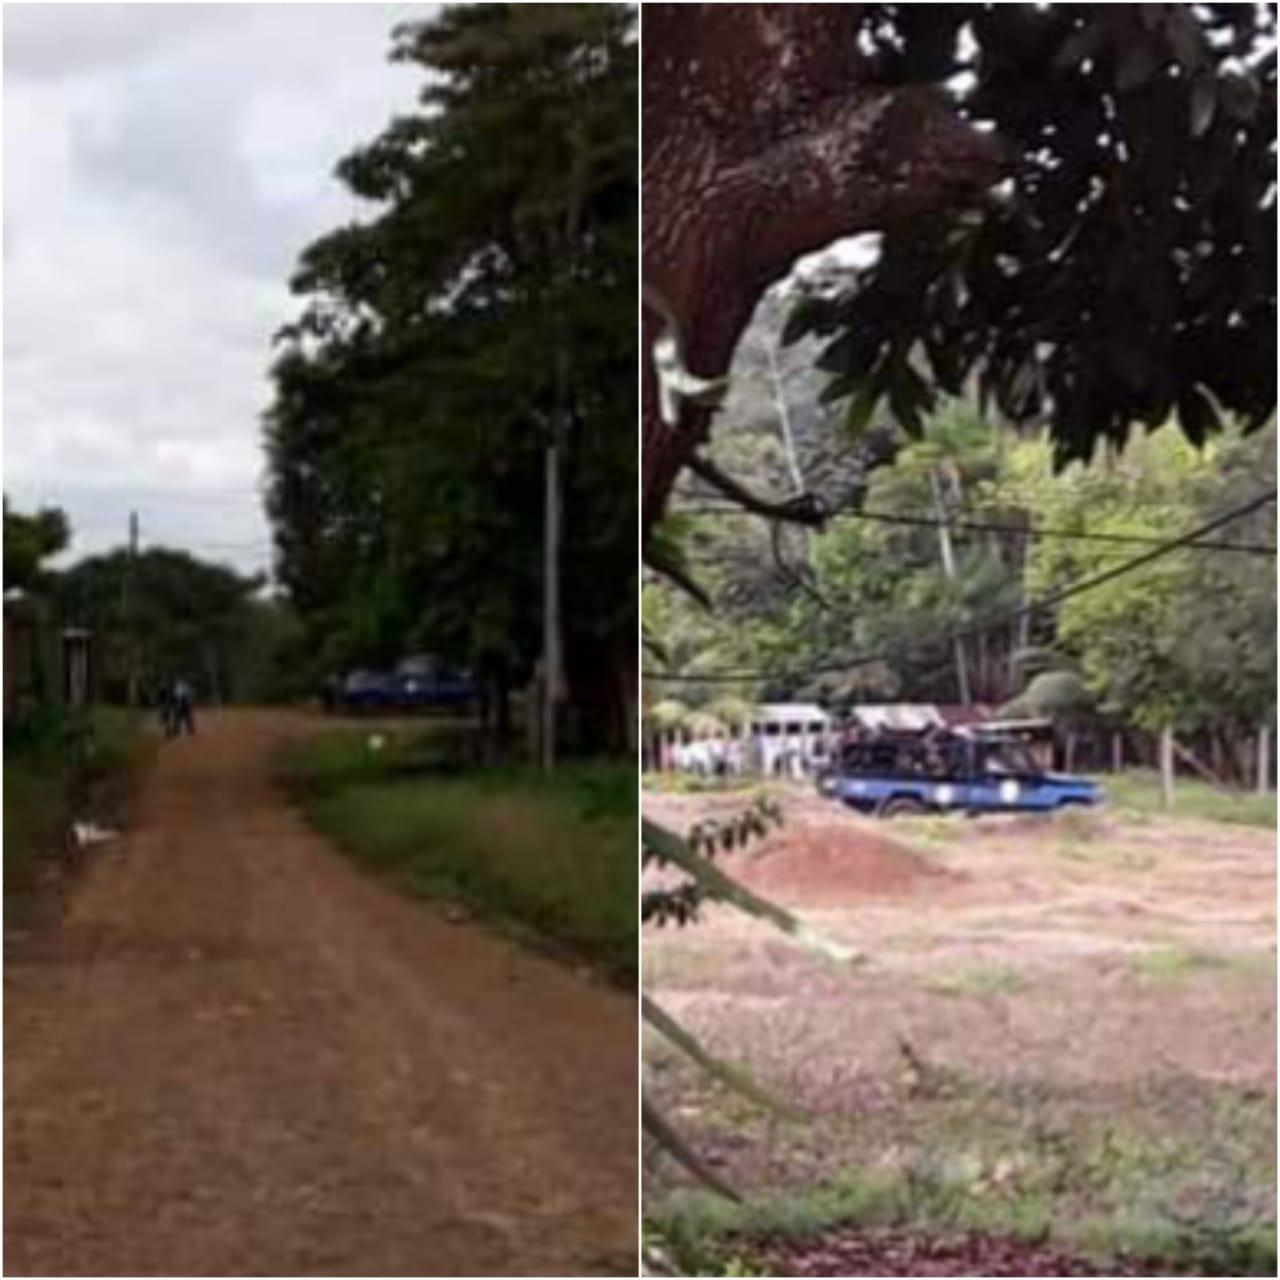 Imágenes de las patrullas que asedian el local en Nueva Guinea donde se encuentra Medardo Mairena. Foto: Cortesía